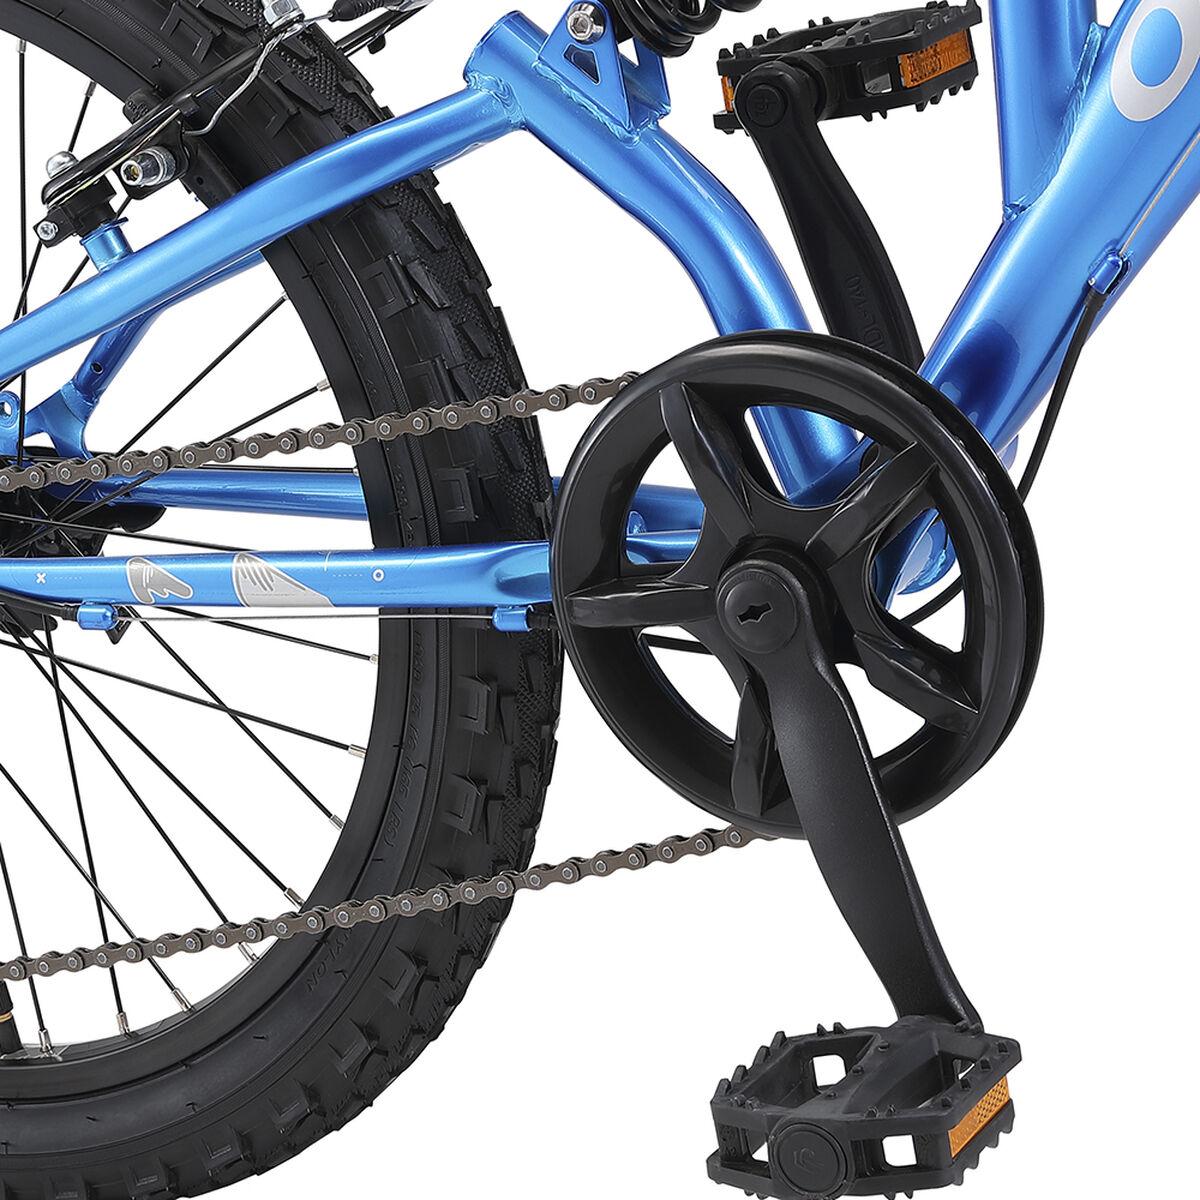 Bicicleta Infantil Oxford Drako Doble Susp Aro 20